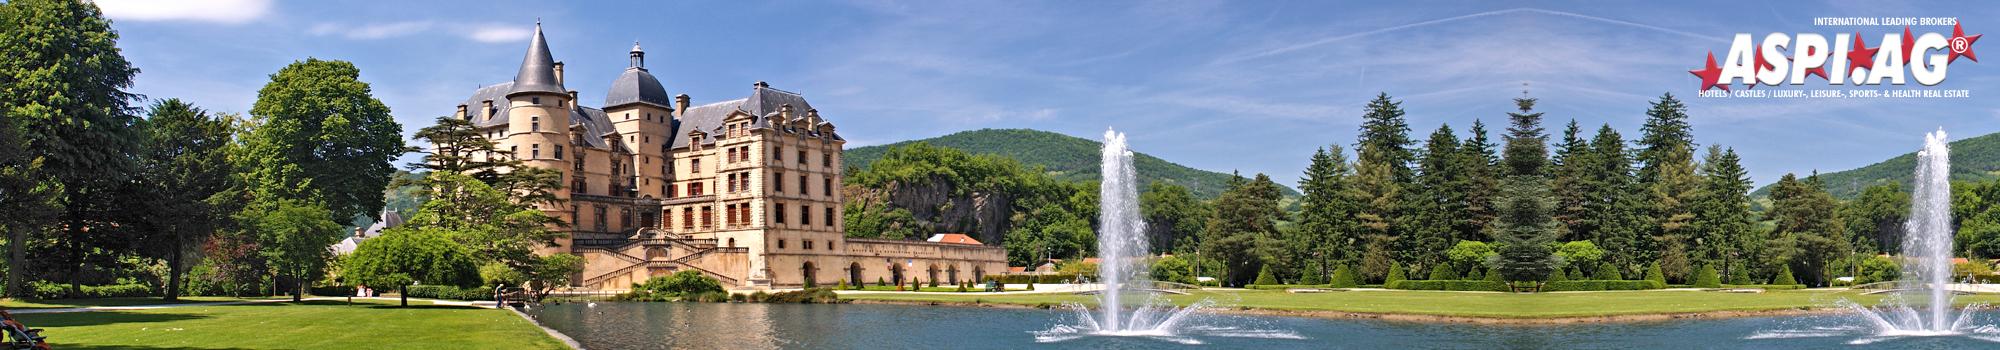 Schlosshotel Burghotel Castle Hotel kaufen pachten bei ASP Hotelmakler